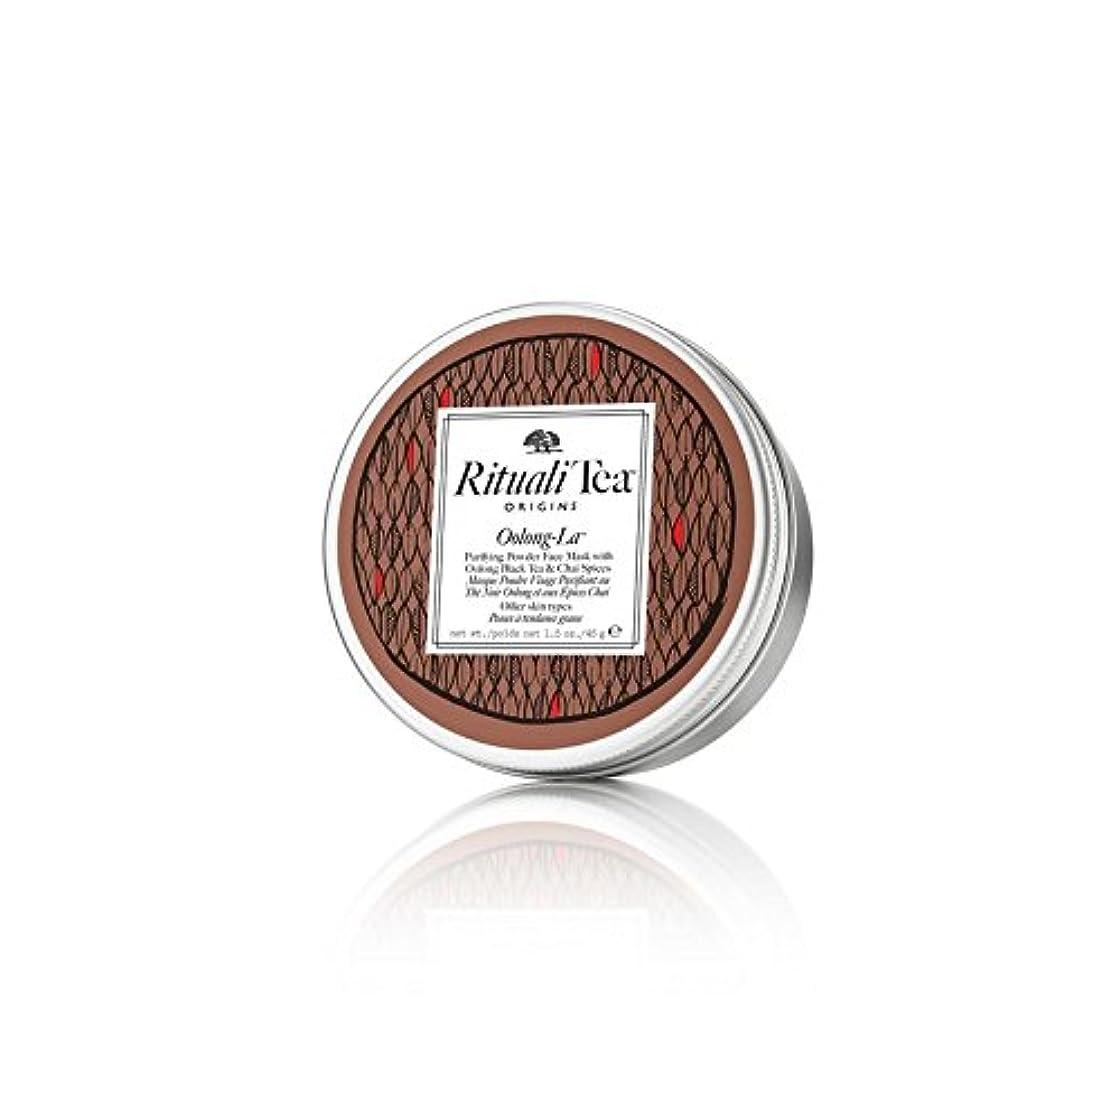 気づくなる圧力プットOrigins Powdered Tea Face Mask Oolong-La 45g (Pack of 6) - 起源抹茶フェイスマスク烏龍茶ラ45グラム x6 [並行輸入品]